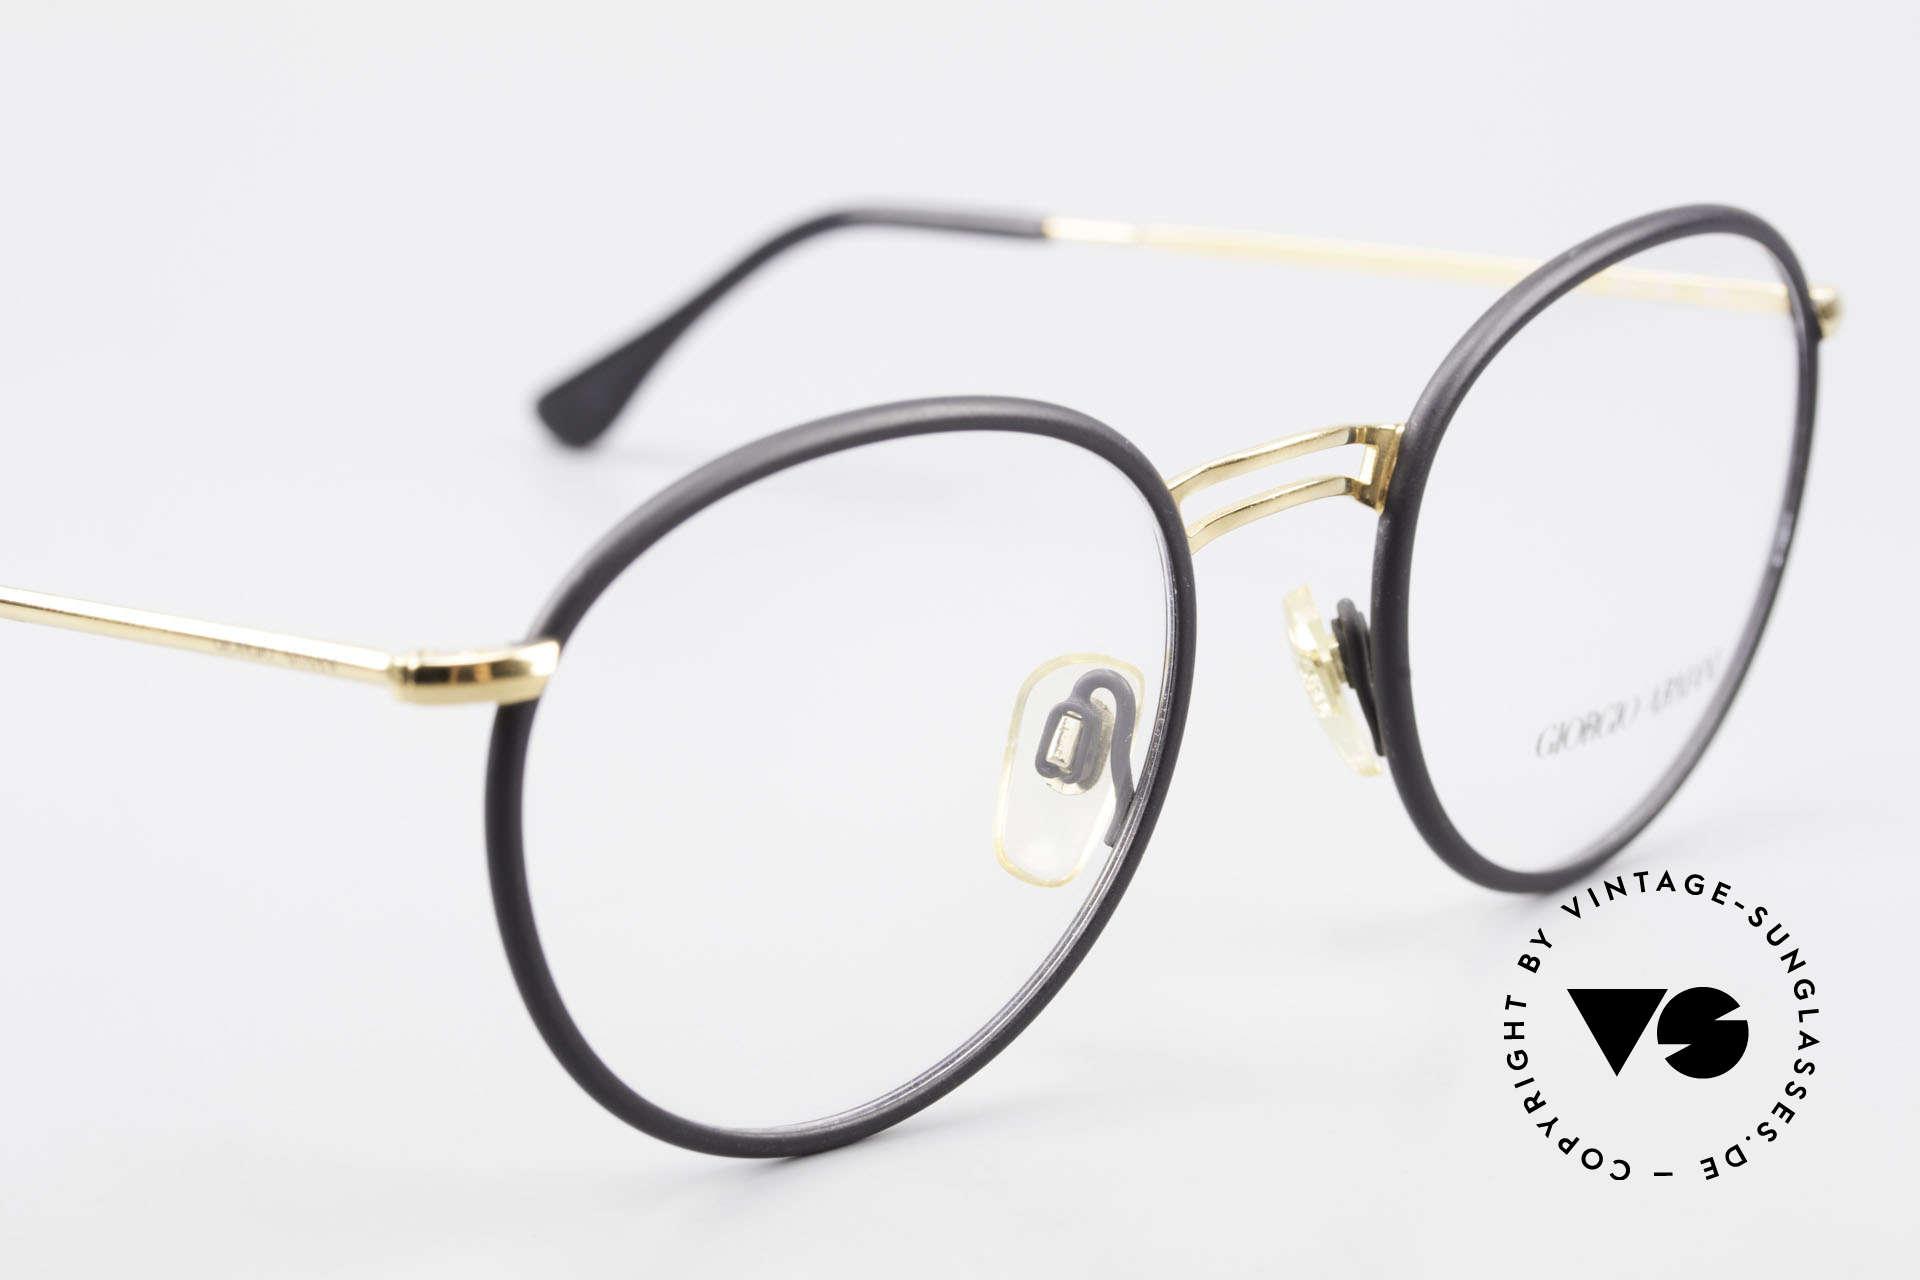 Giorgio Armani 152 Runde Vintage Brille Herren, KEINE Retromode, sondern ein altes Armani-Original, Passend für Herren